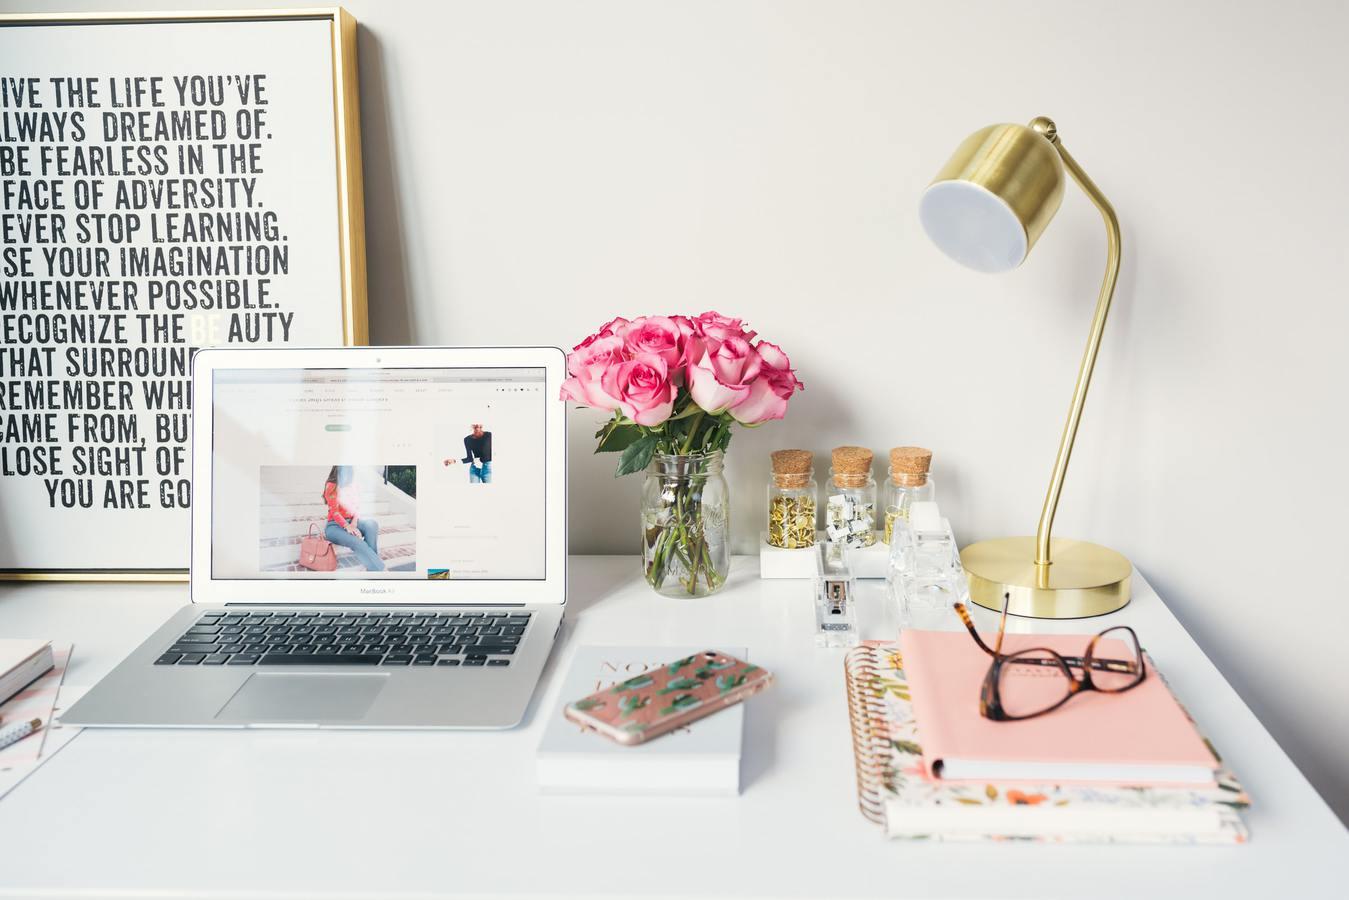 Praca przez internet. Laptop na biurku wraz z notesami i innymi biurowymi przedmiotami